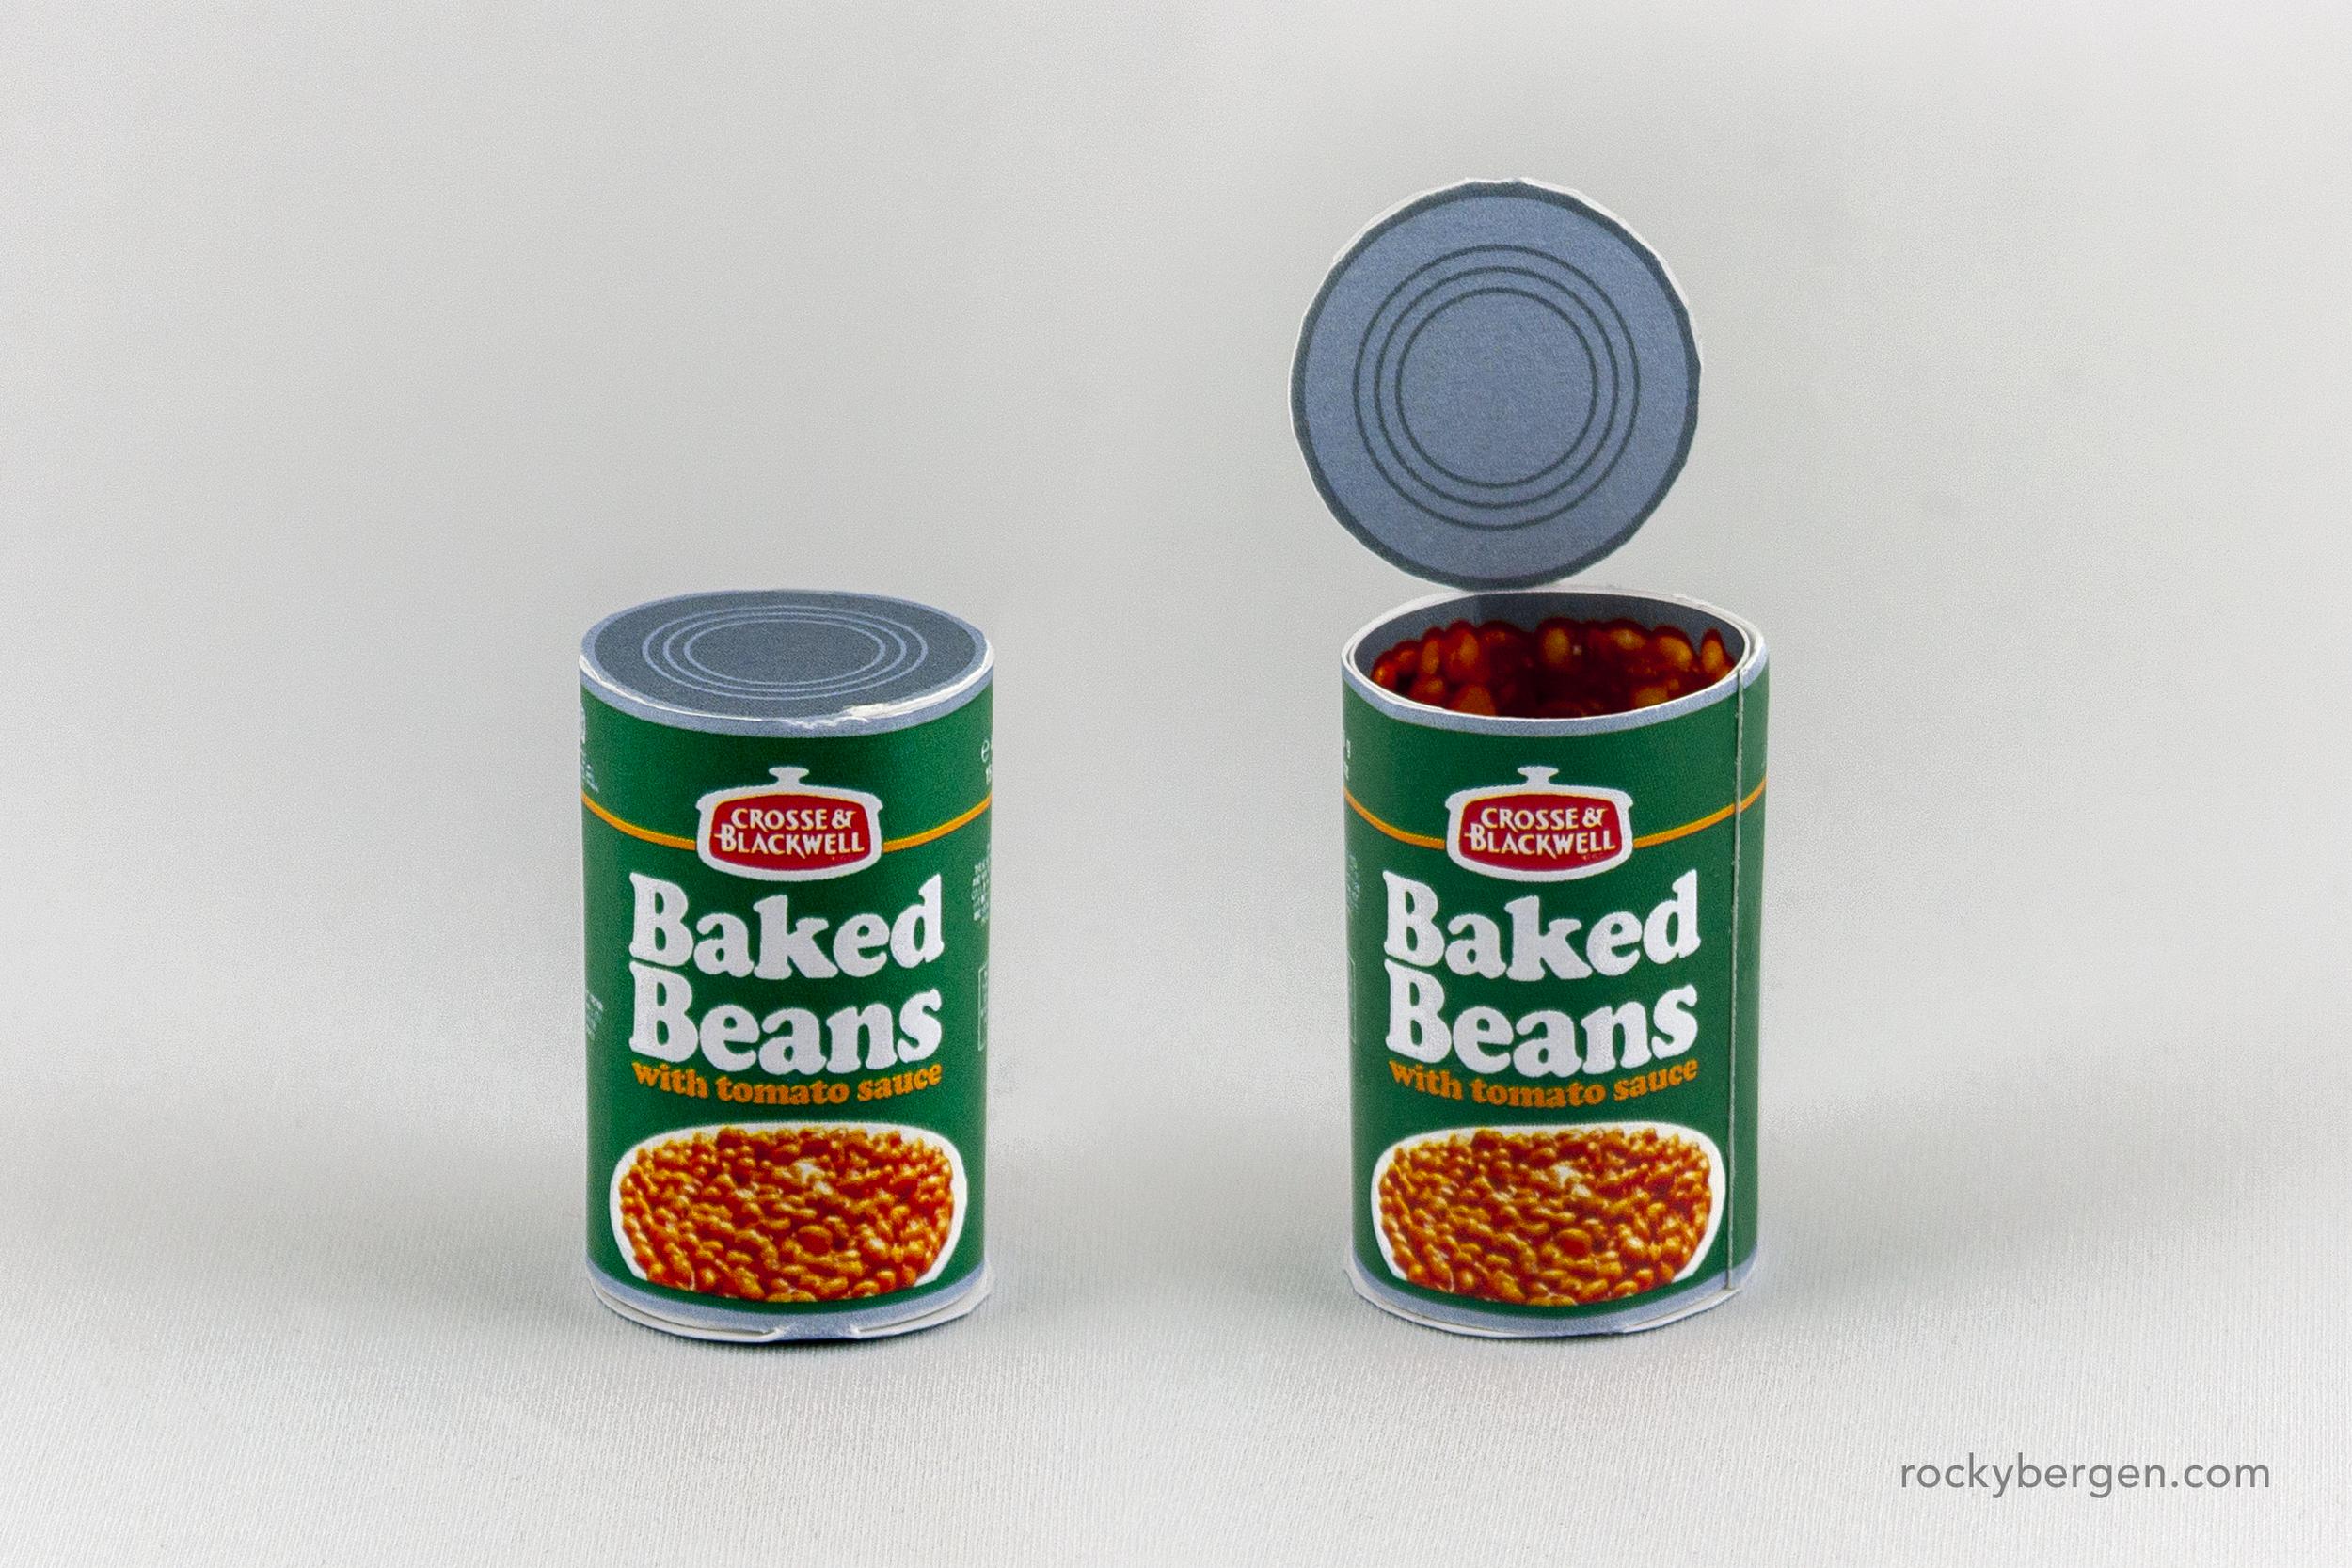 Crosse & Blackwell - Baked Beans